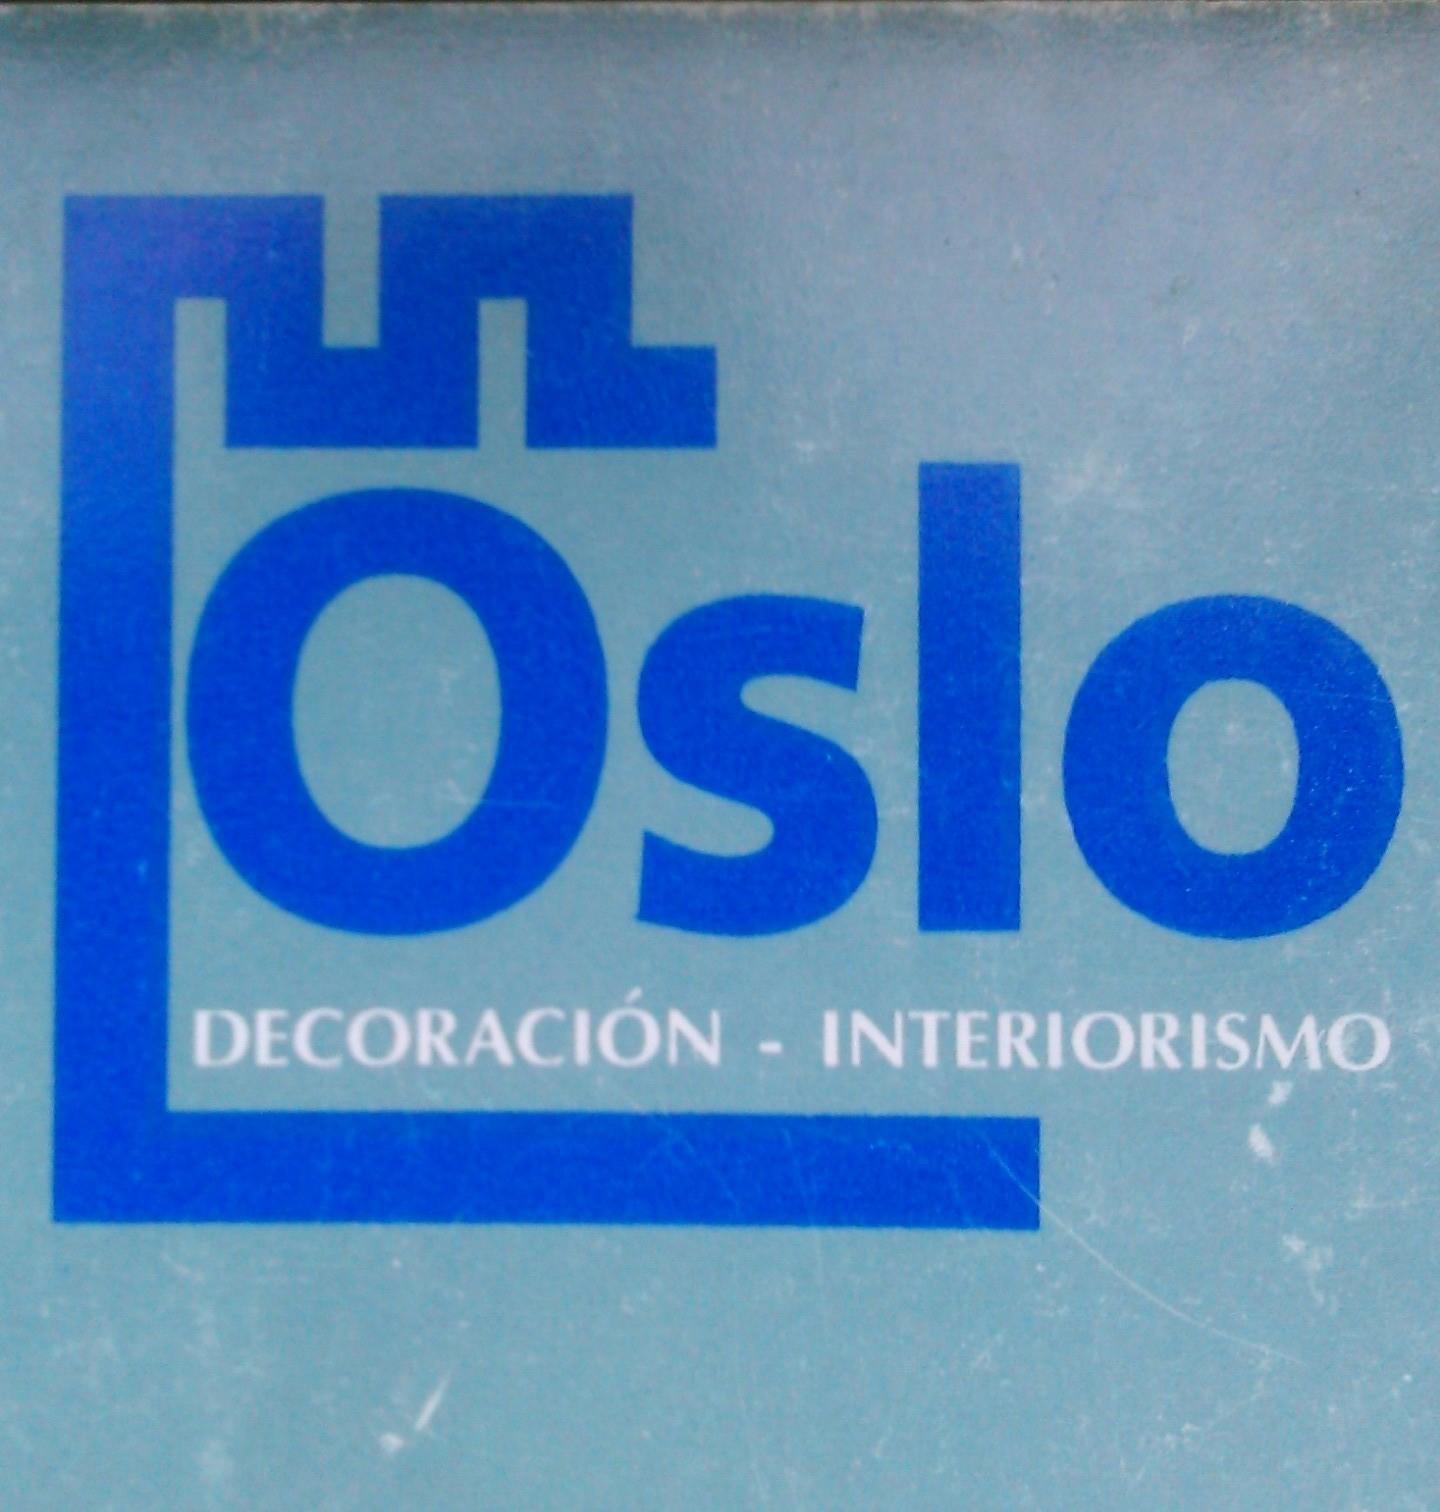 Oslo Decoración e Interiorismo S.L.